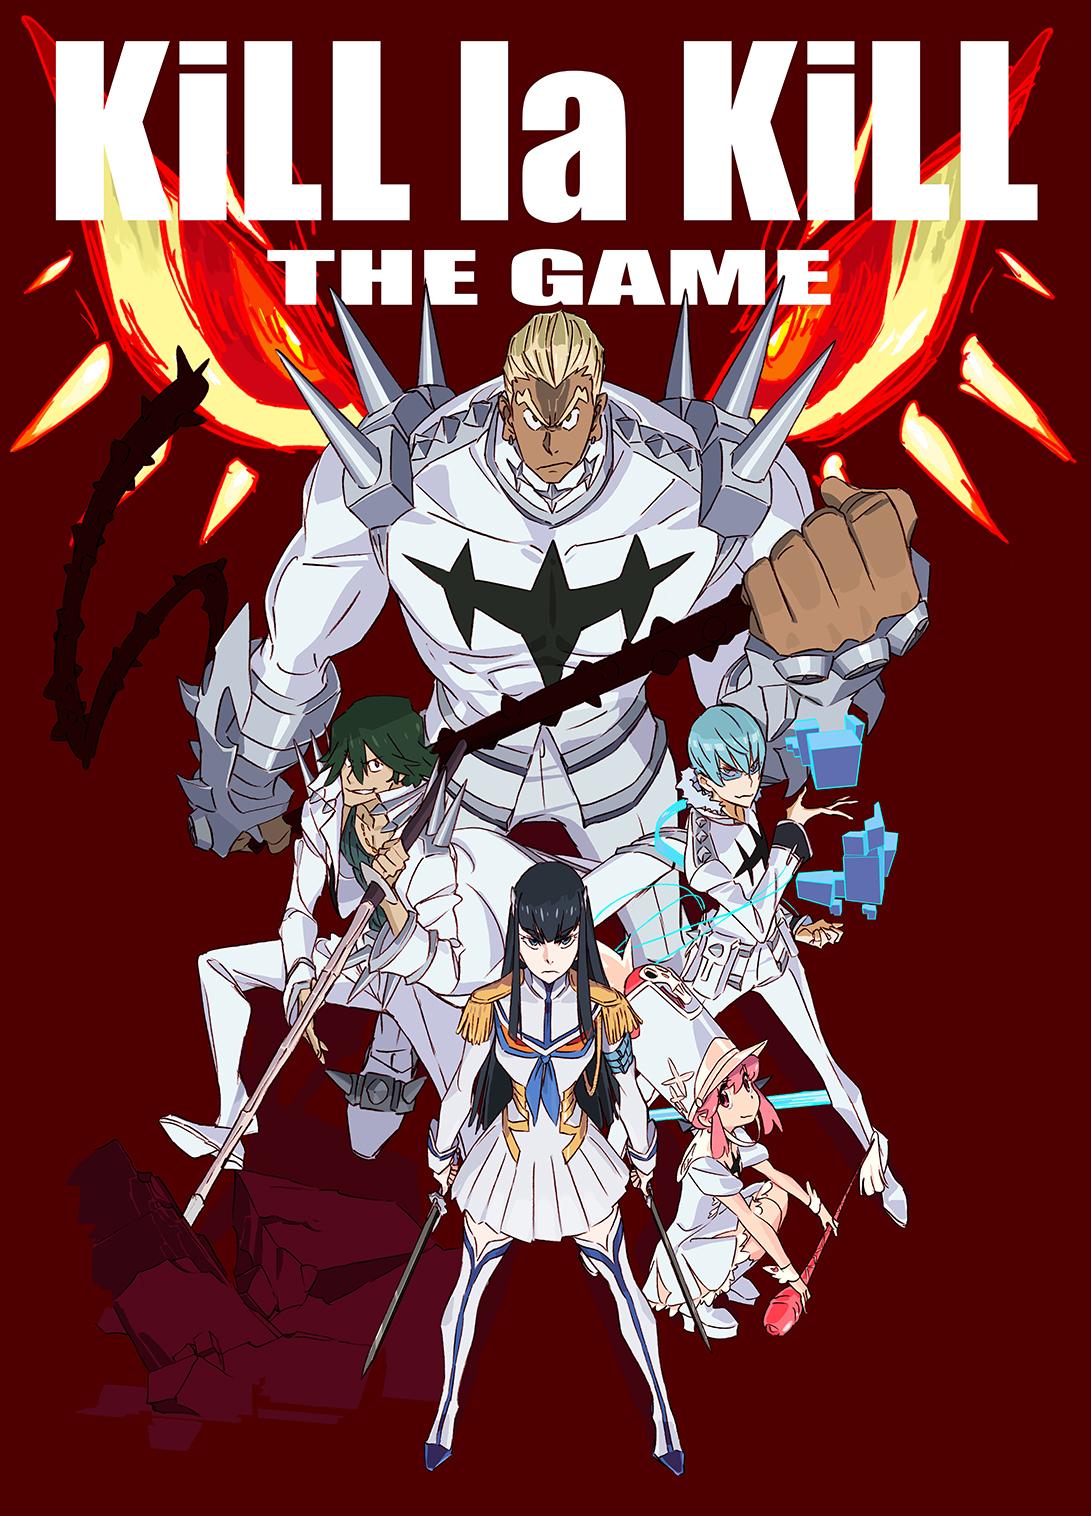 『キルラキル』初のゲーム作品が2019年発売決定!